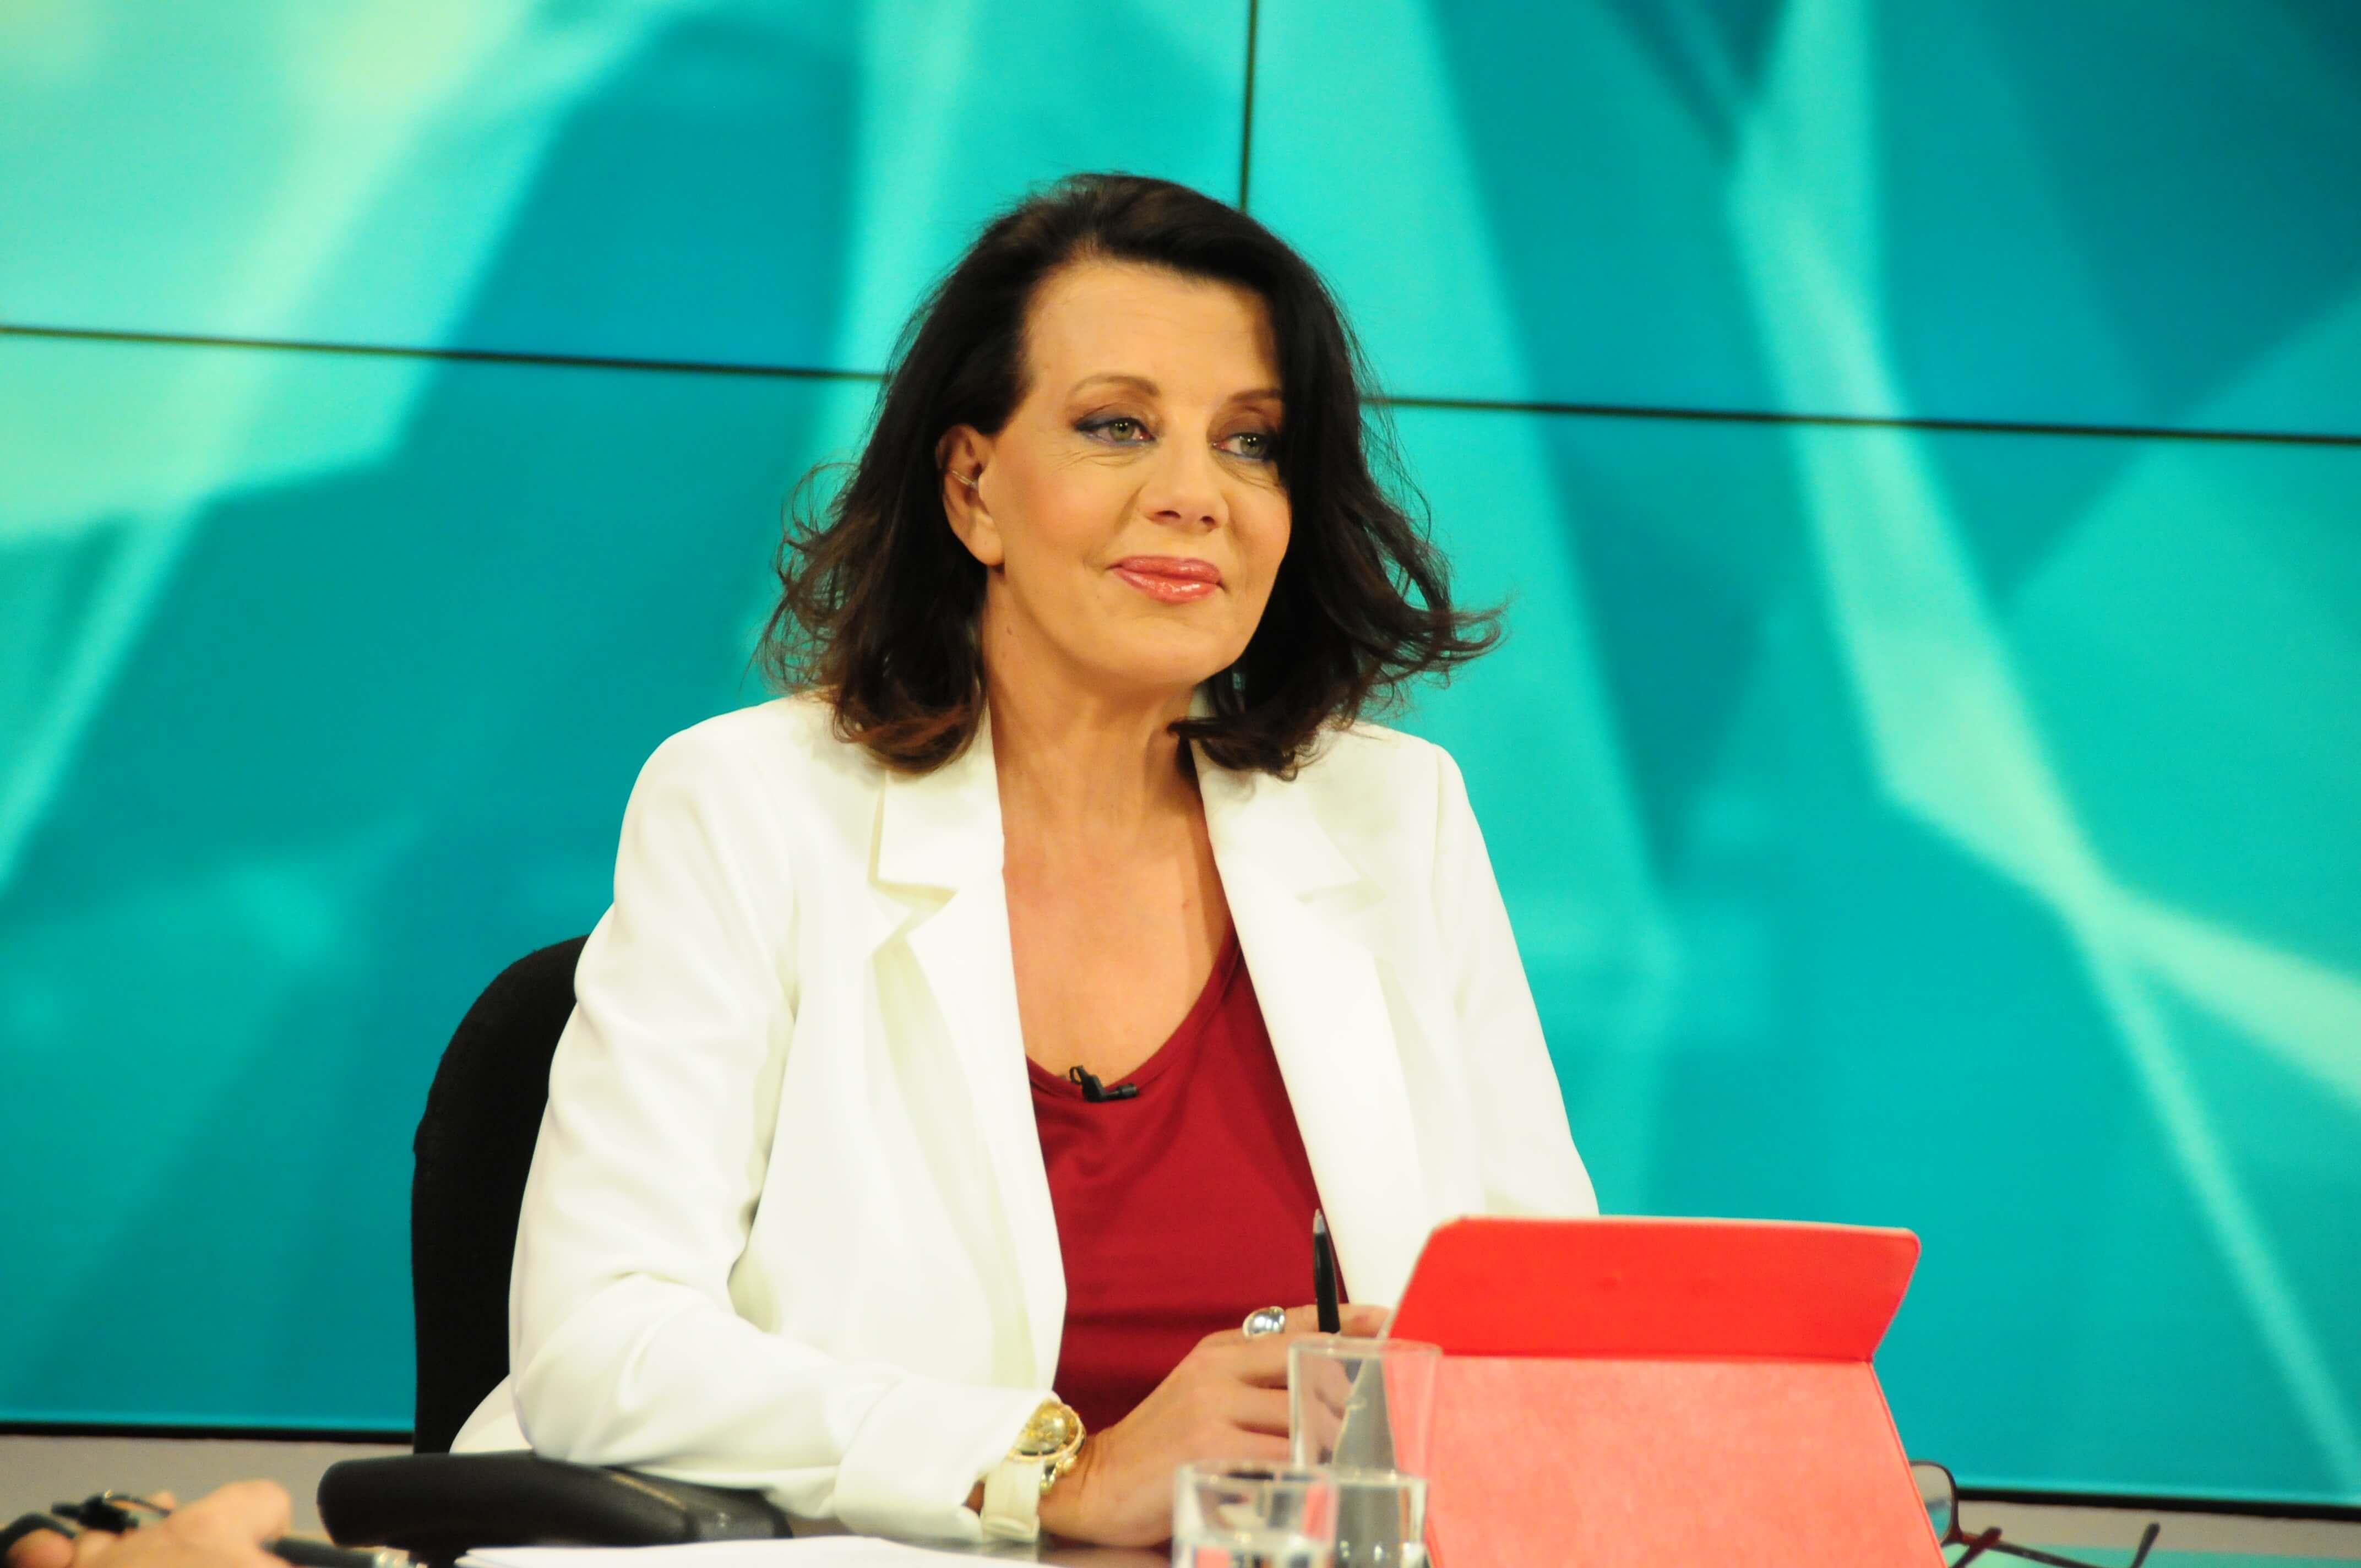 Μπορούμε να κάνουμε Πάσχα – Η Κατερίνα Ακριβοπούλου συνεχίζει! | Newsit.gr